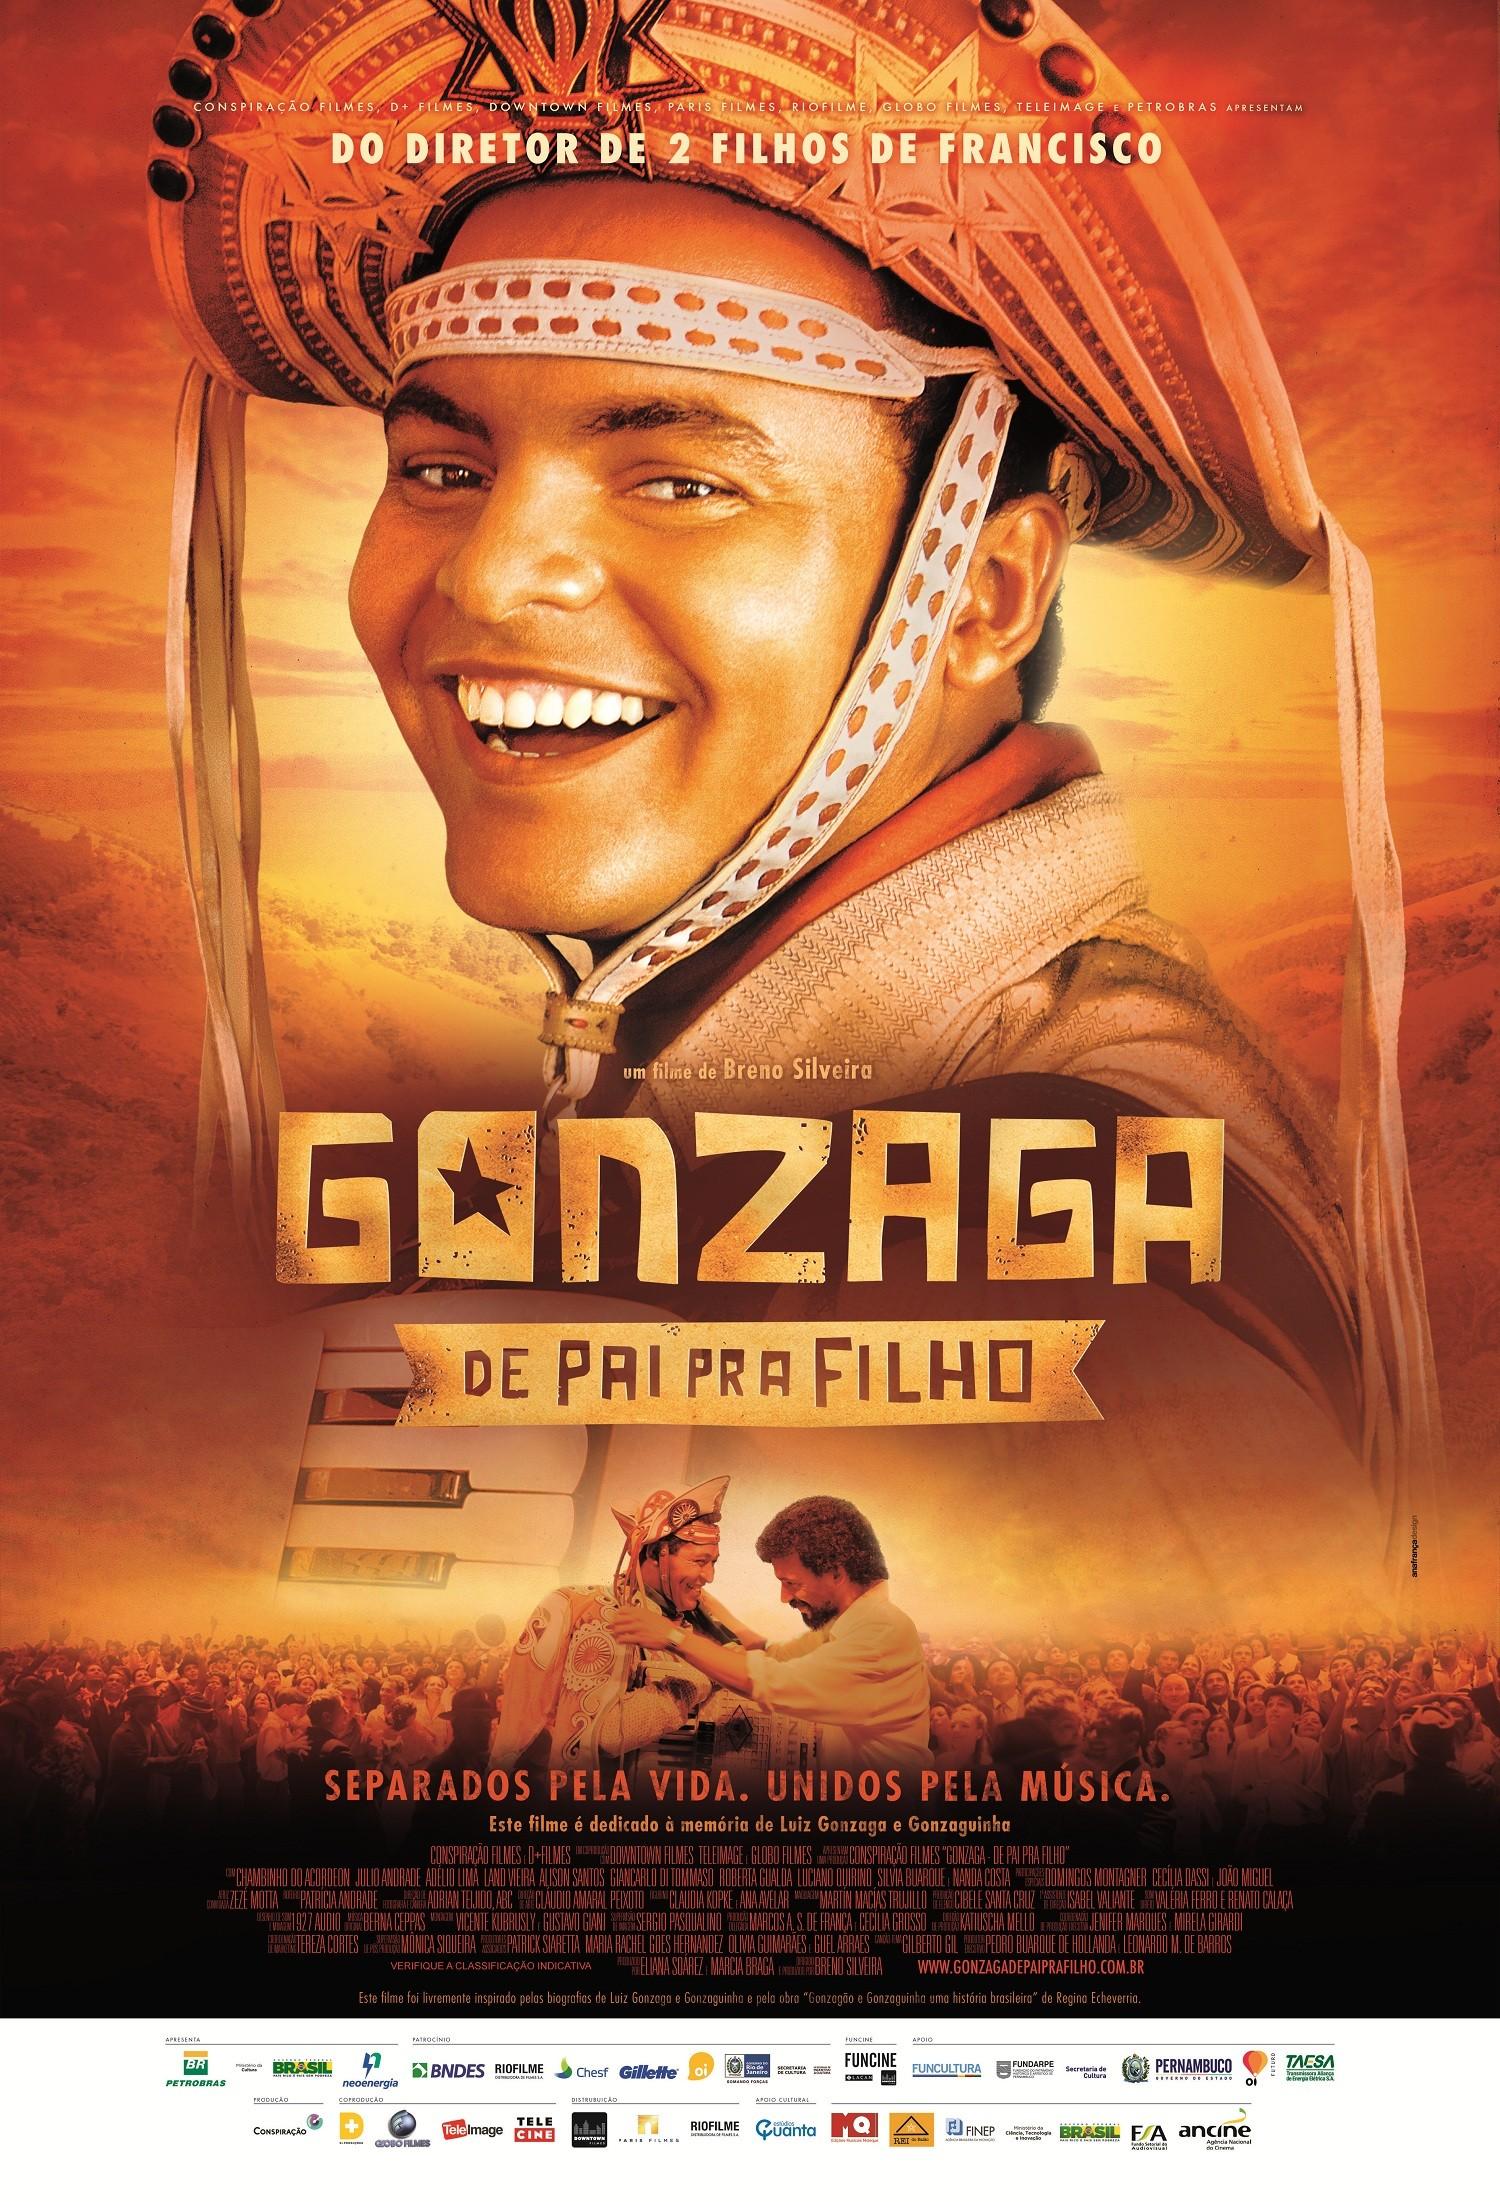 Cartaz do filme 'Gonzaga, de pai pra filho' (Foto: divulgação)